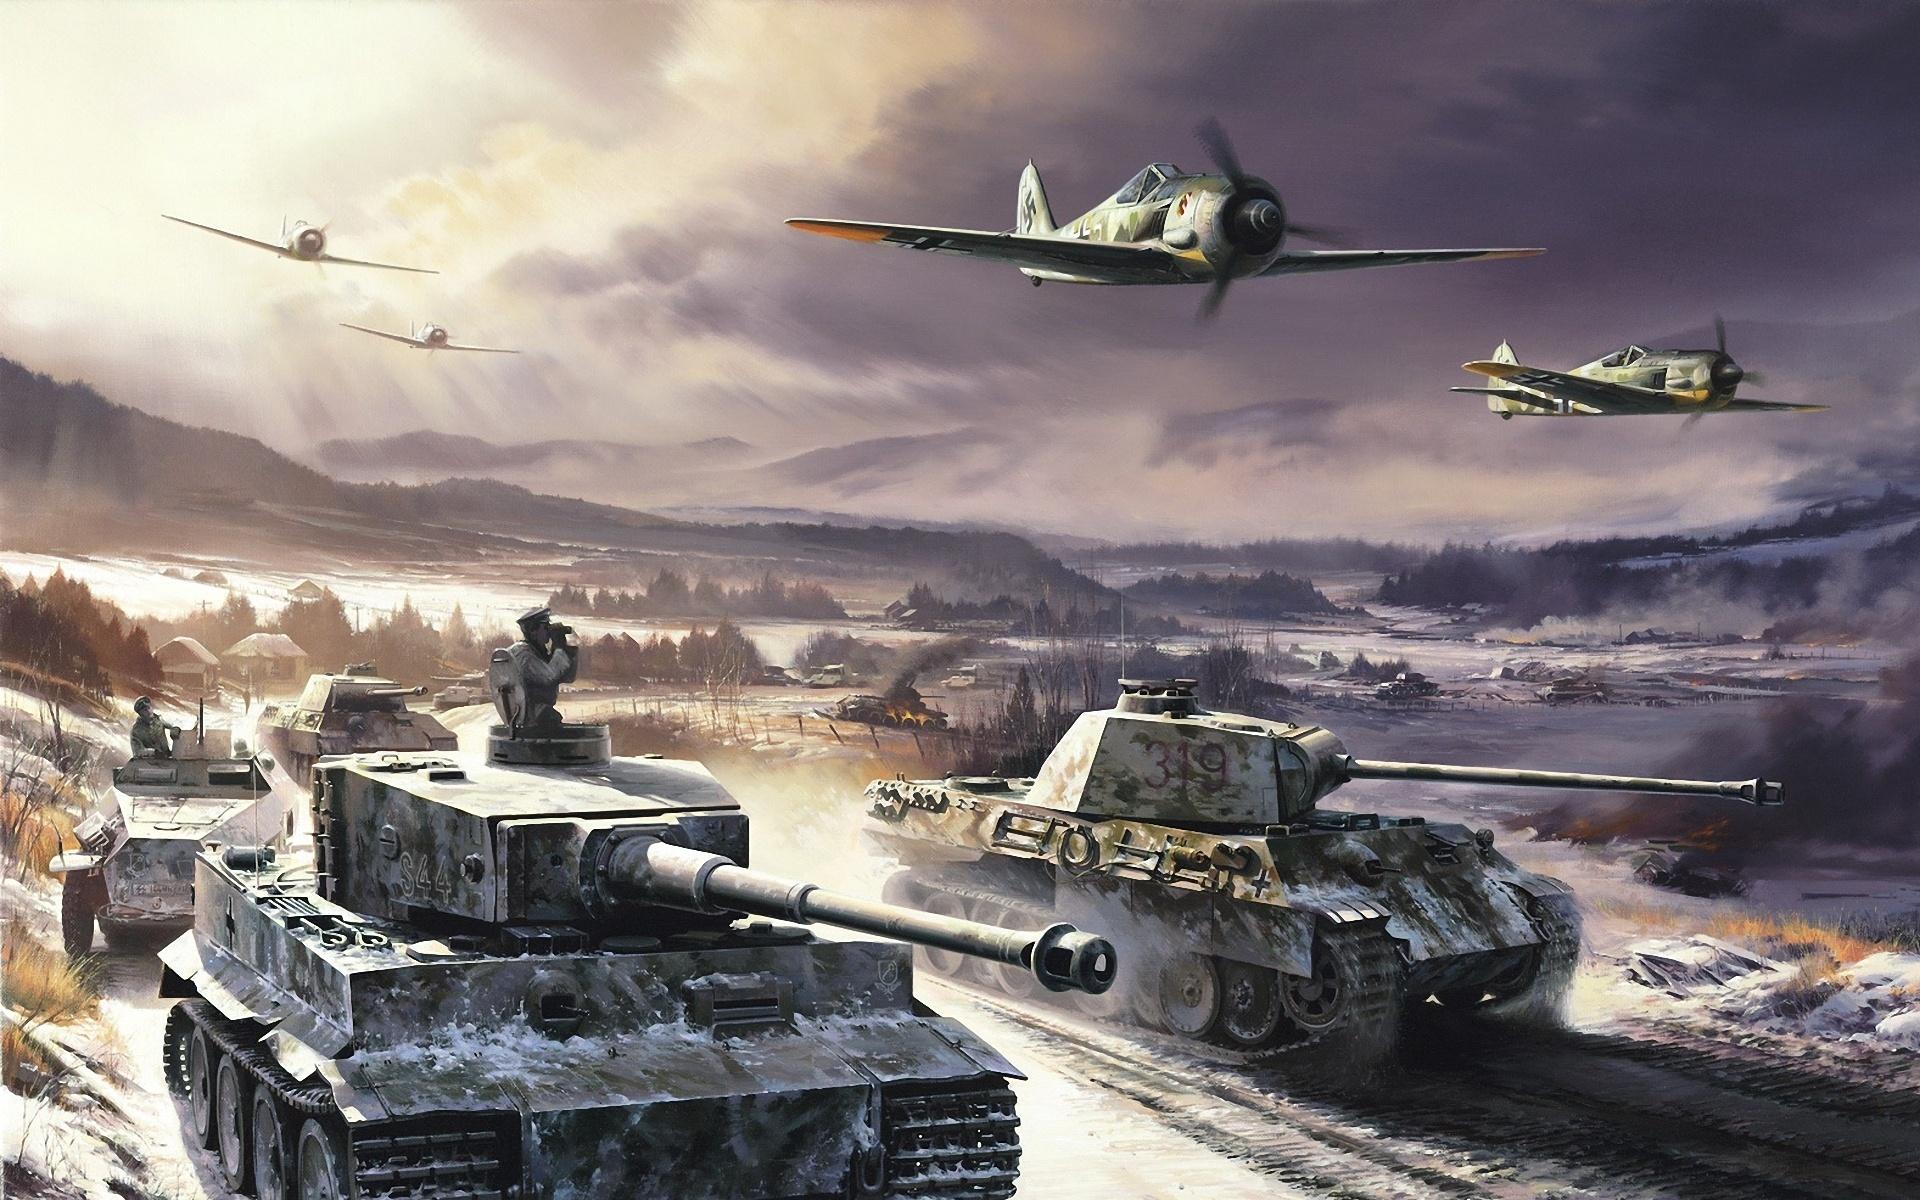 免費壁紙20255:游戏, 坦克世界 下載手機圖片